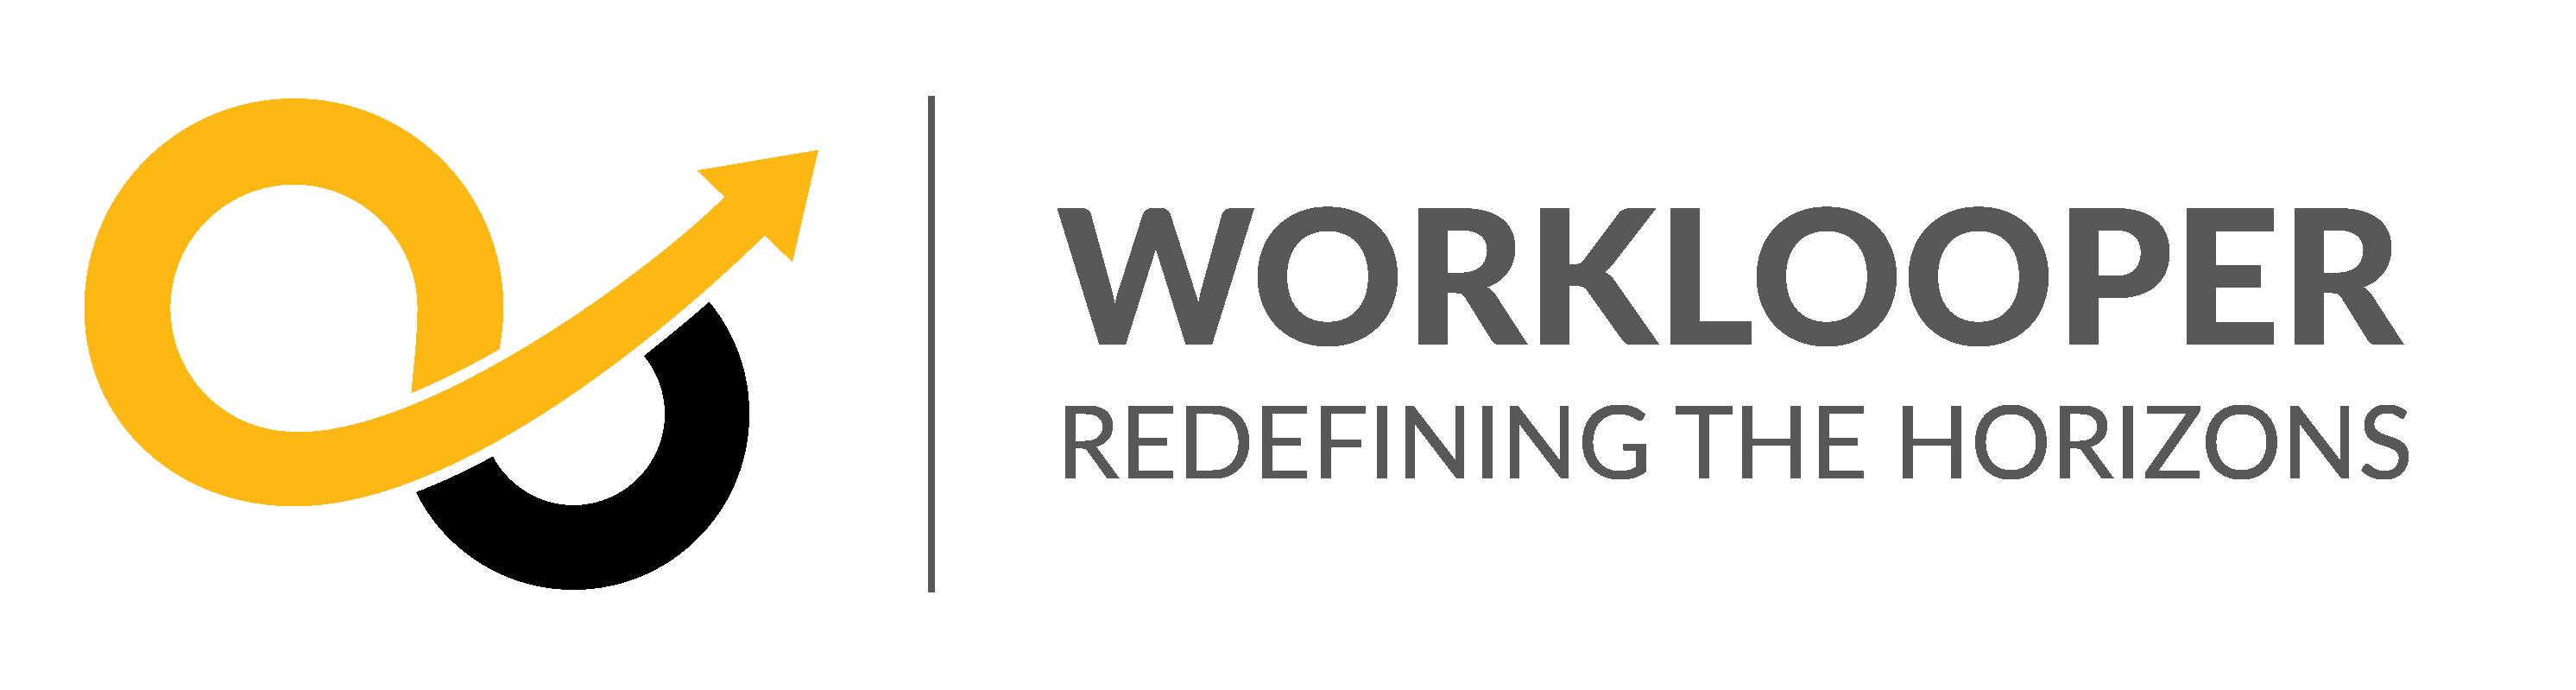 WorkLooper